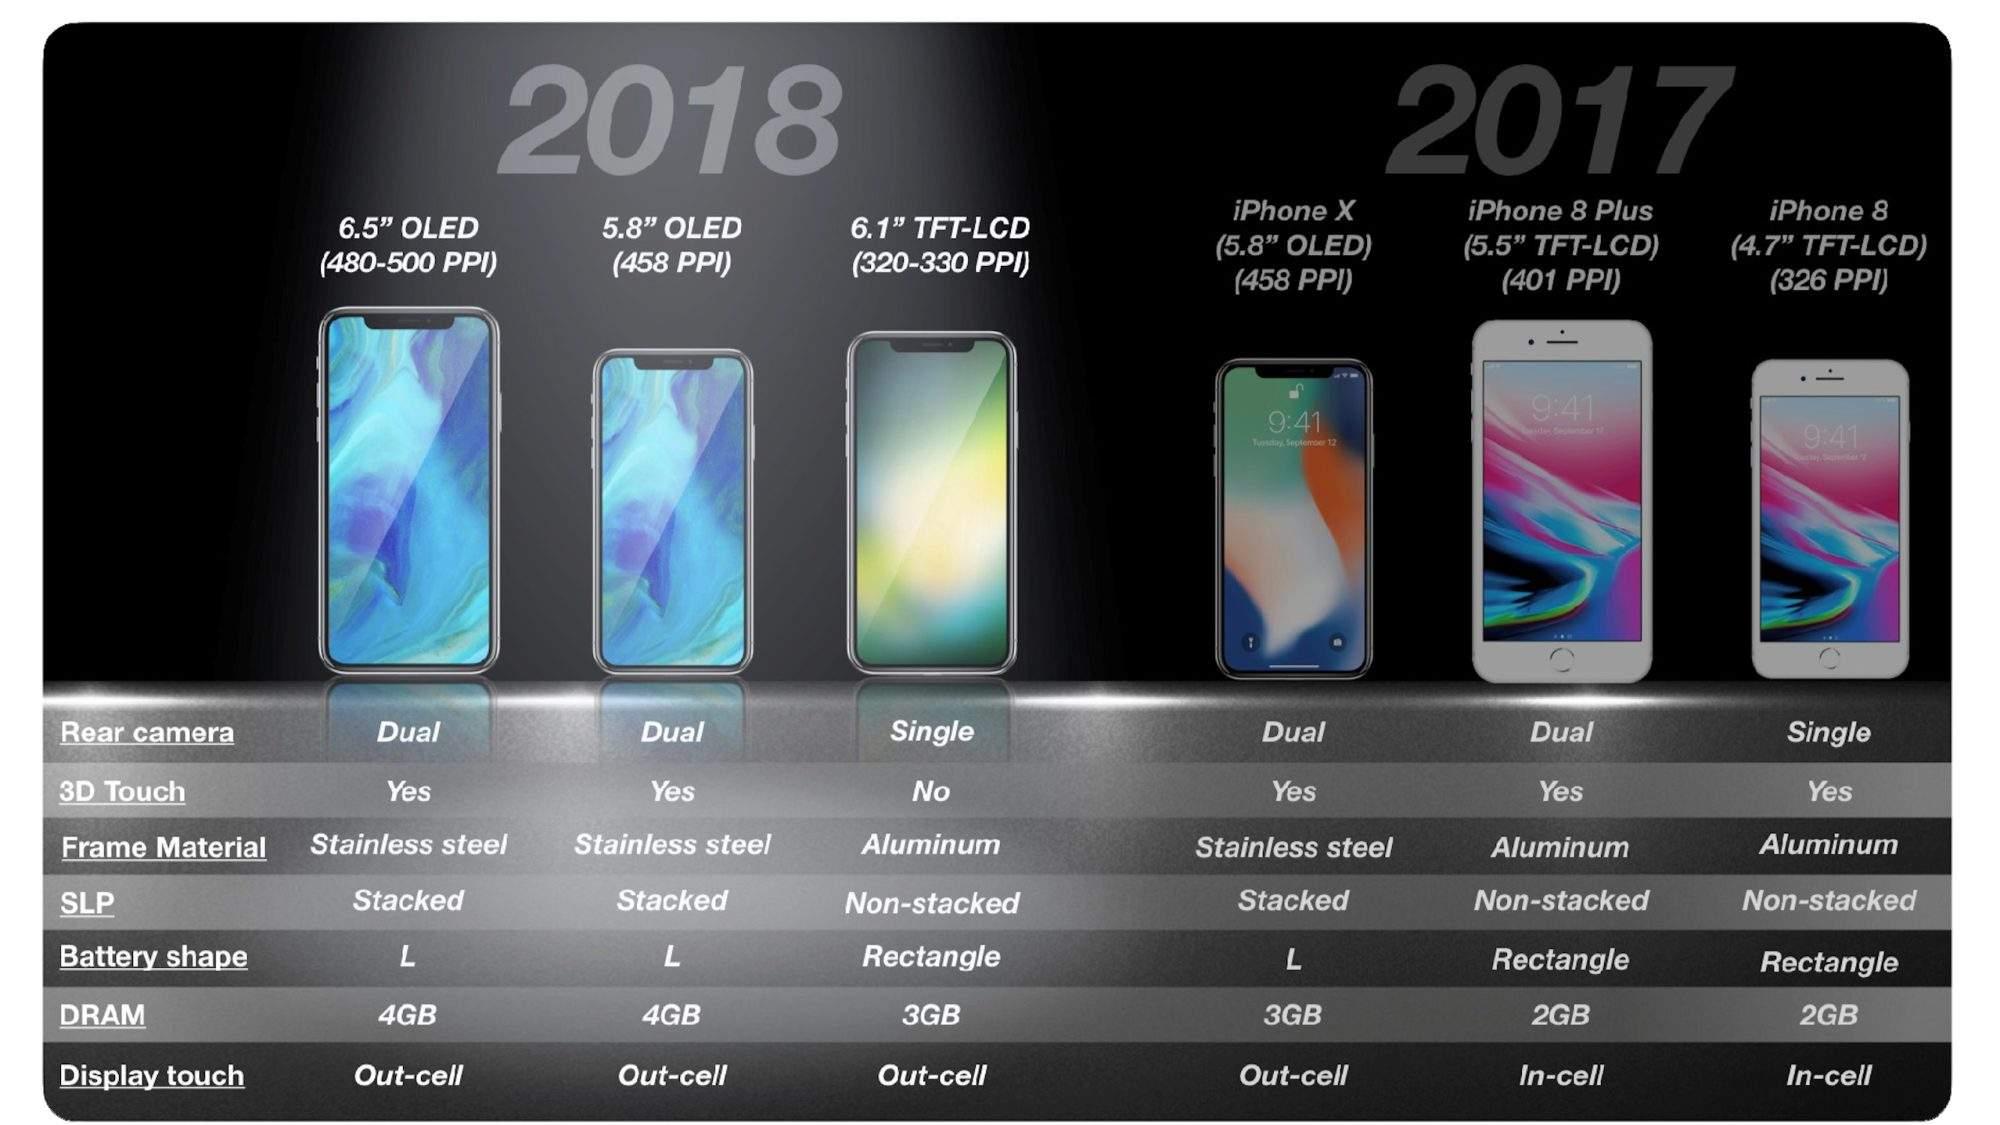 物料成本下降,苹果 iPhone XI 价格有望低于999美元